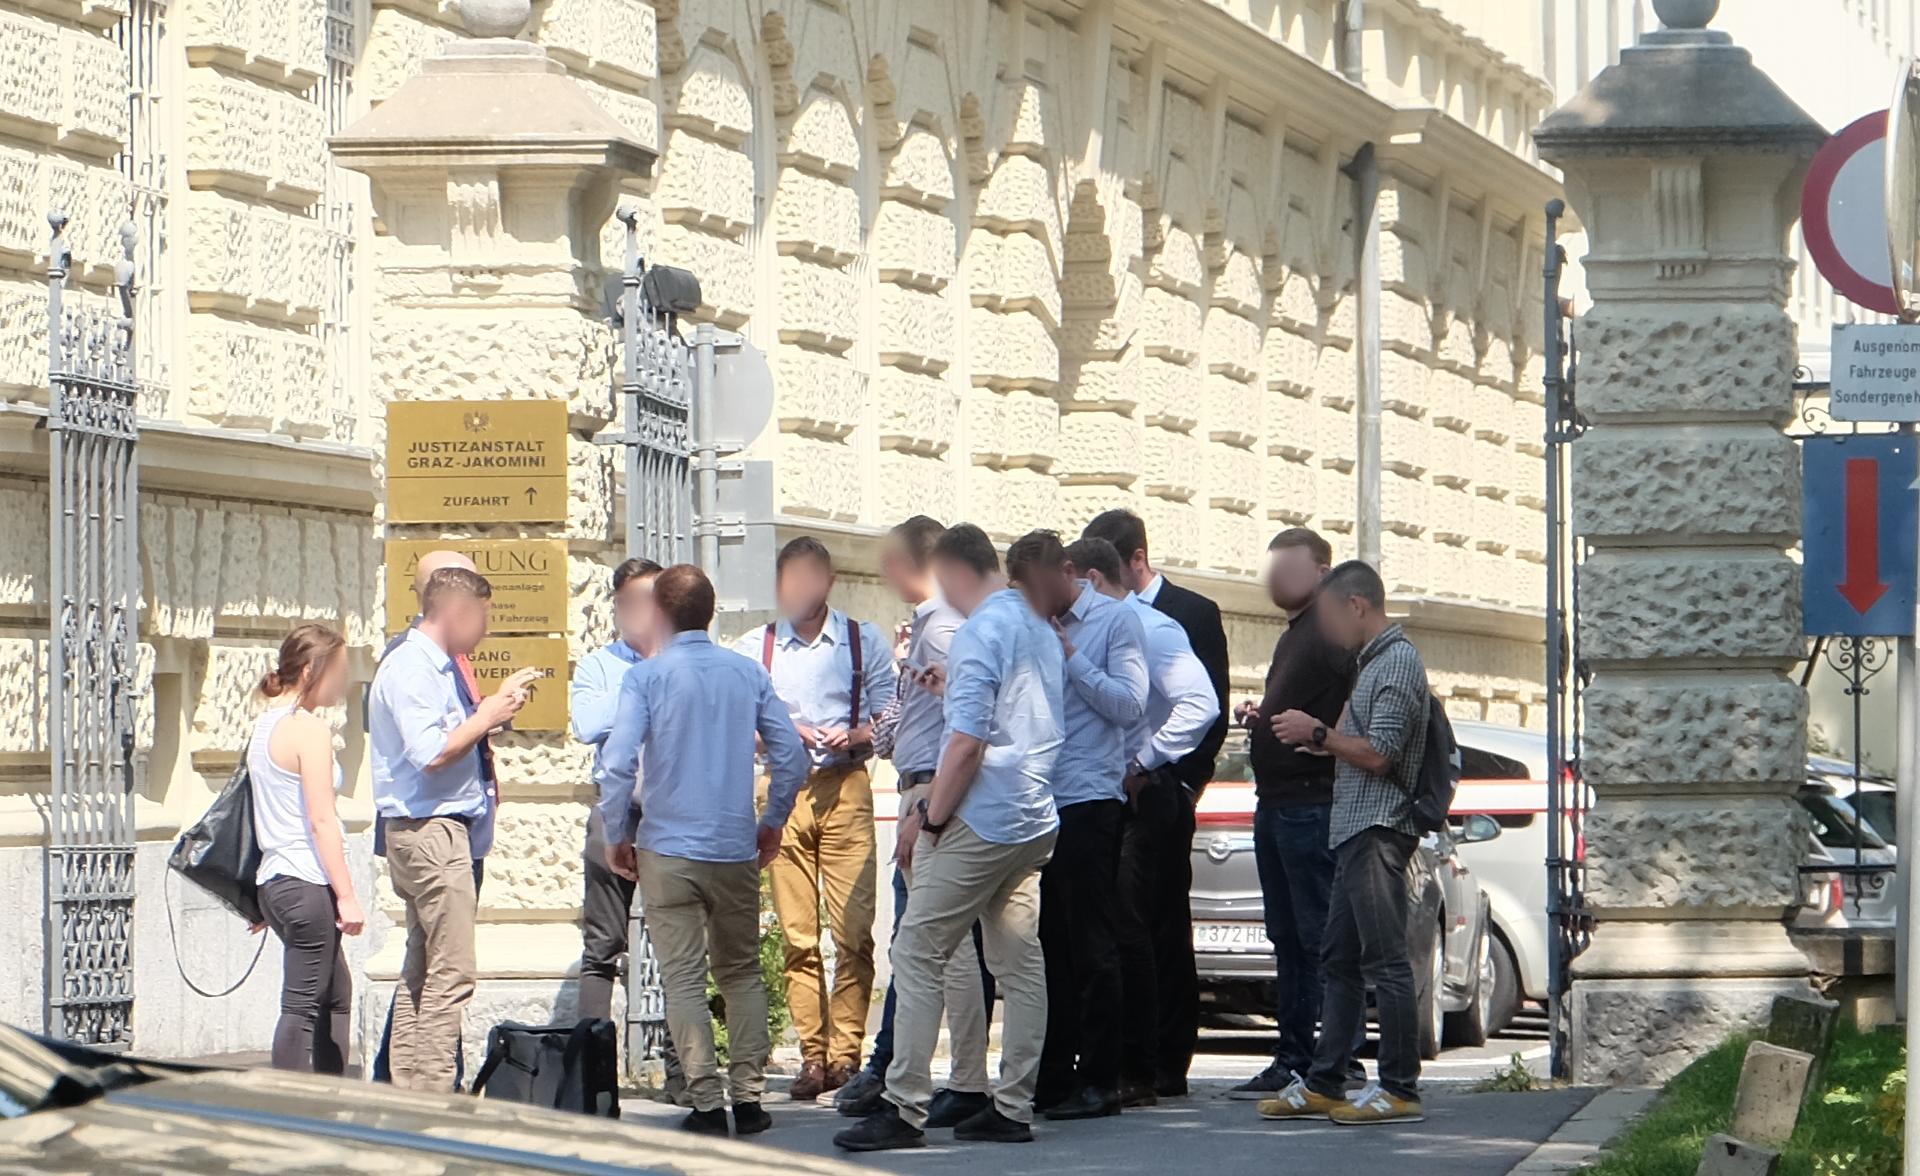 Identitären-Prozess-Angeklagte-Landesgericht